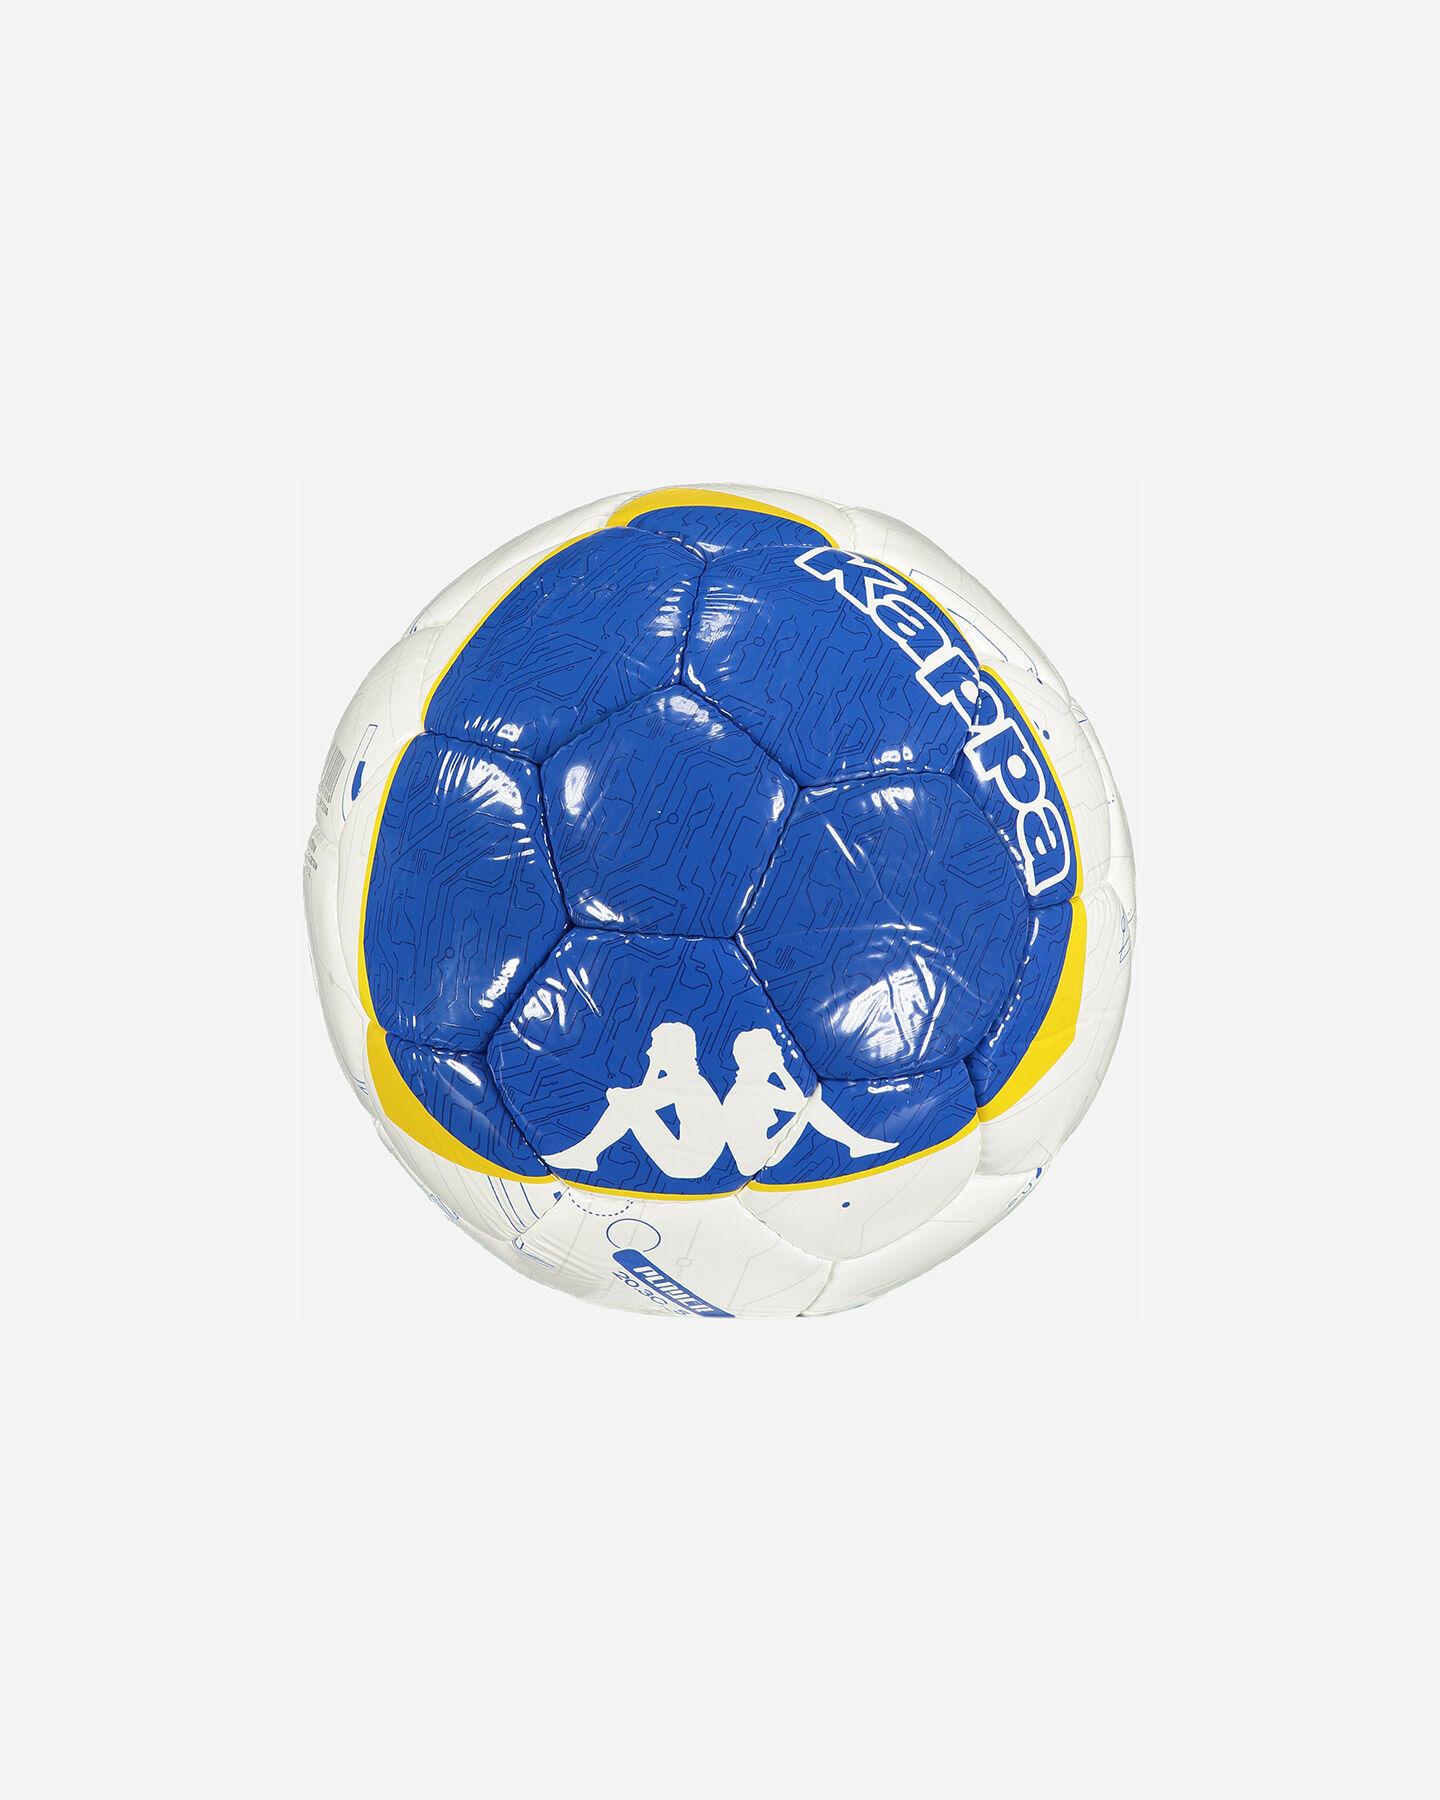 Pallone calcio KAPPA BRESCIA PLAYER 20.3C SZ.5 S4084259 A01 5 scatto 0